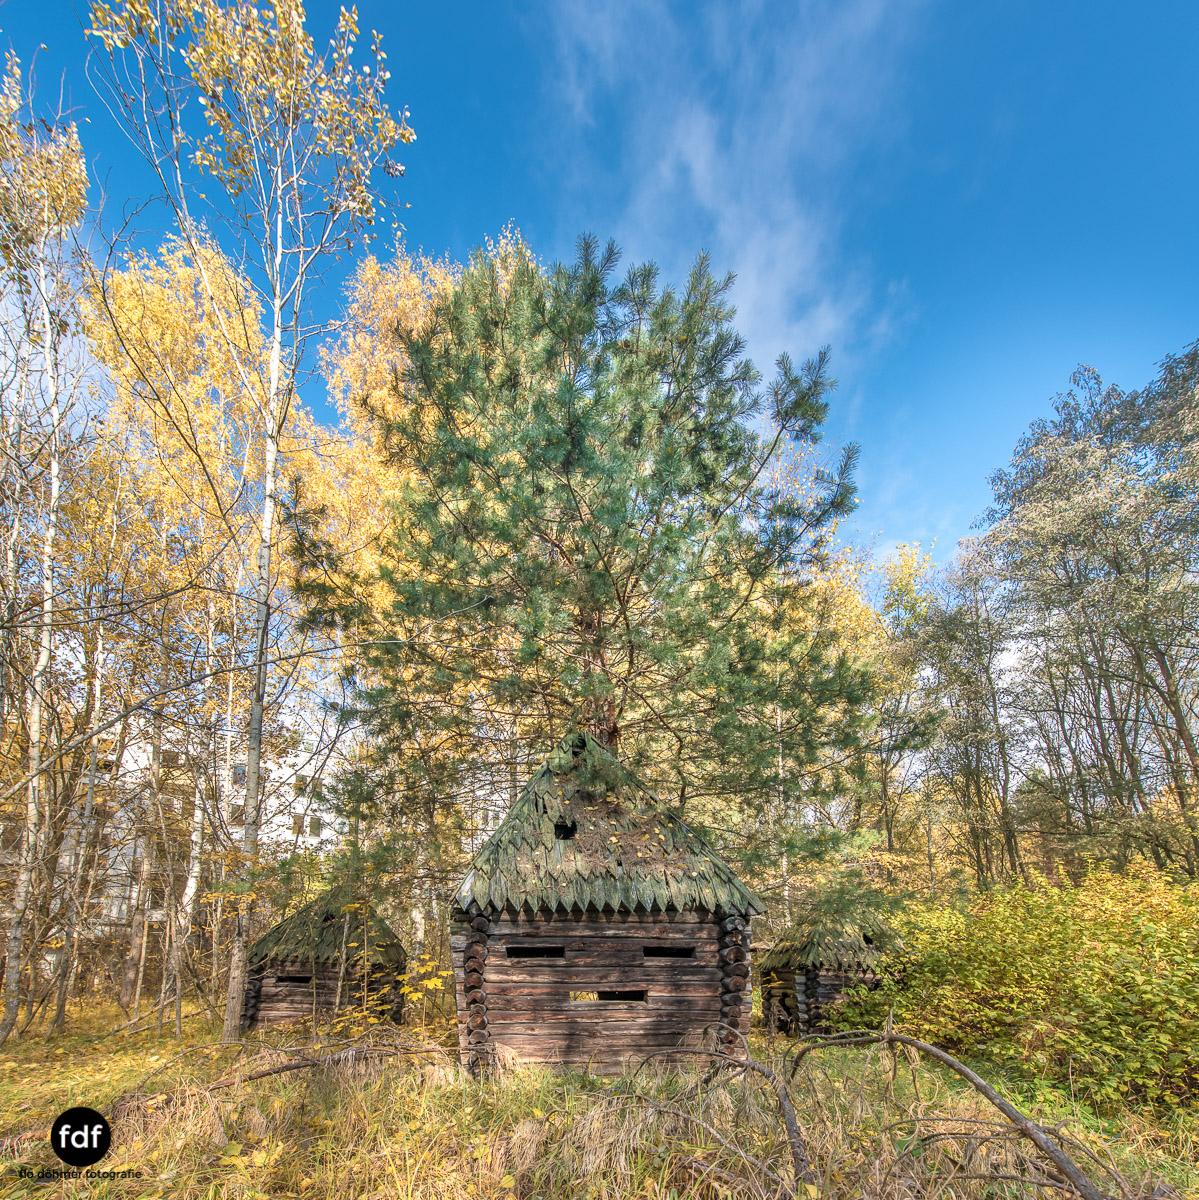 Tschernobyl-Chernobyl-Prypjat-Urbex-Lost-Place-Duga-Gelände-15.jpg